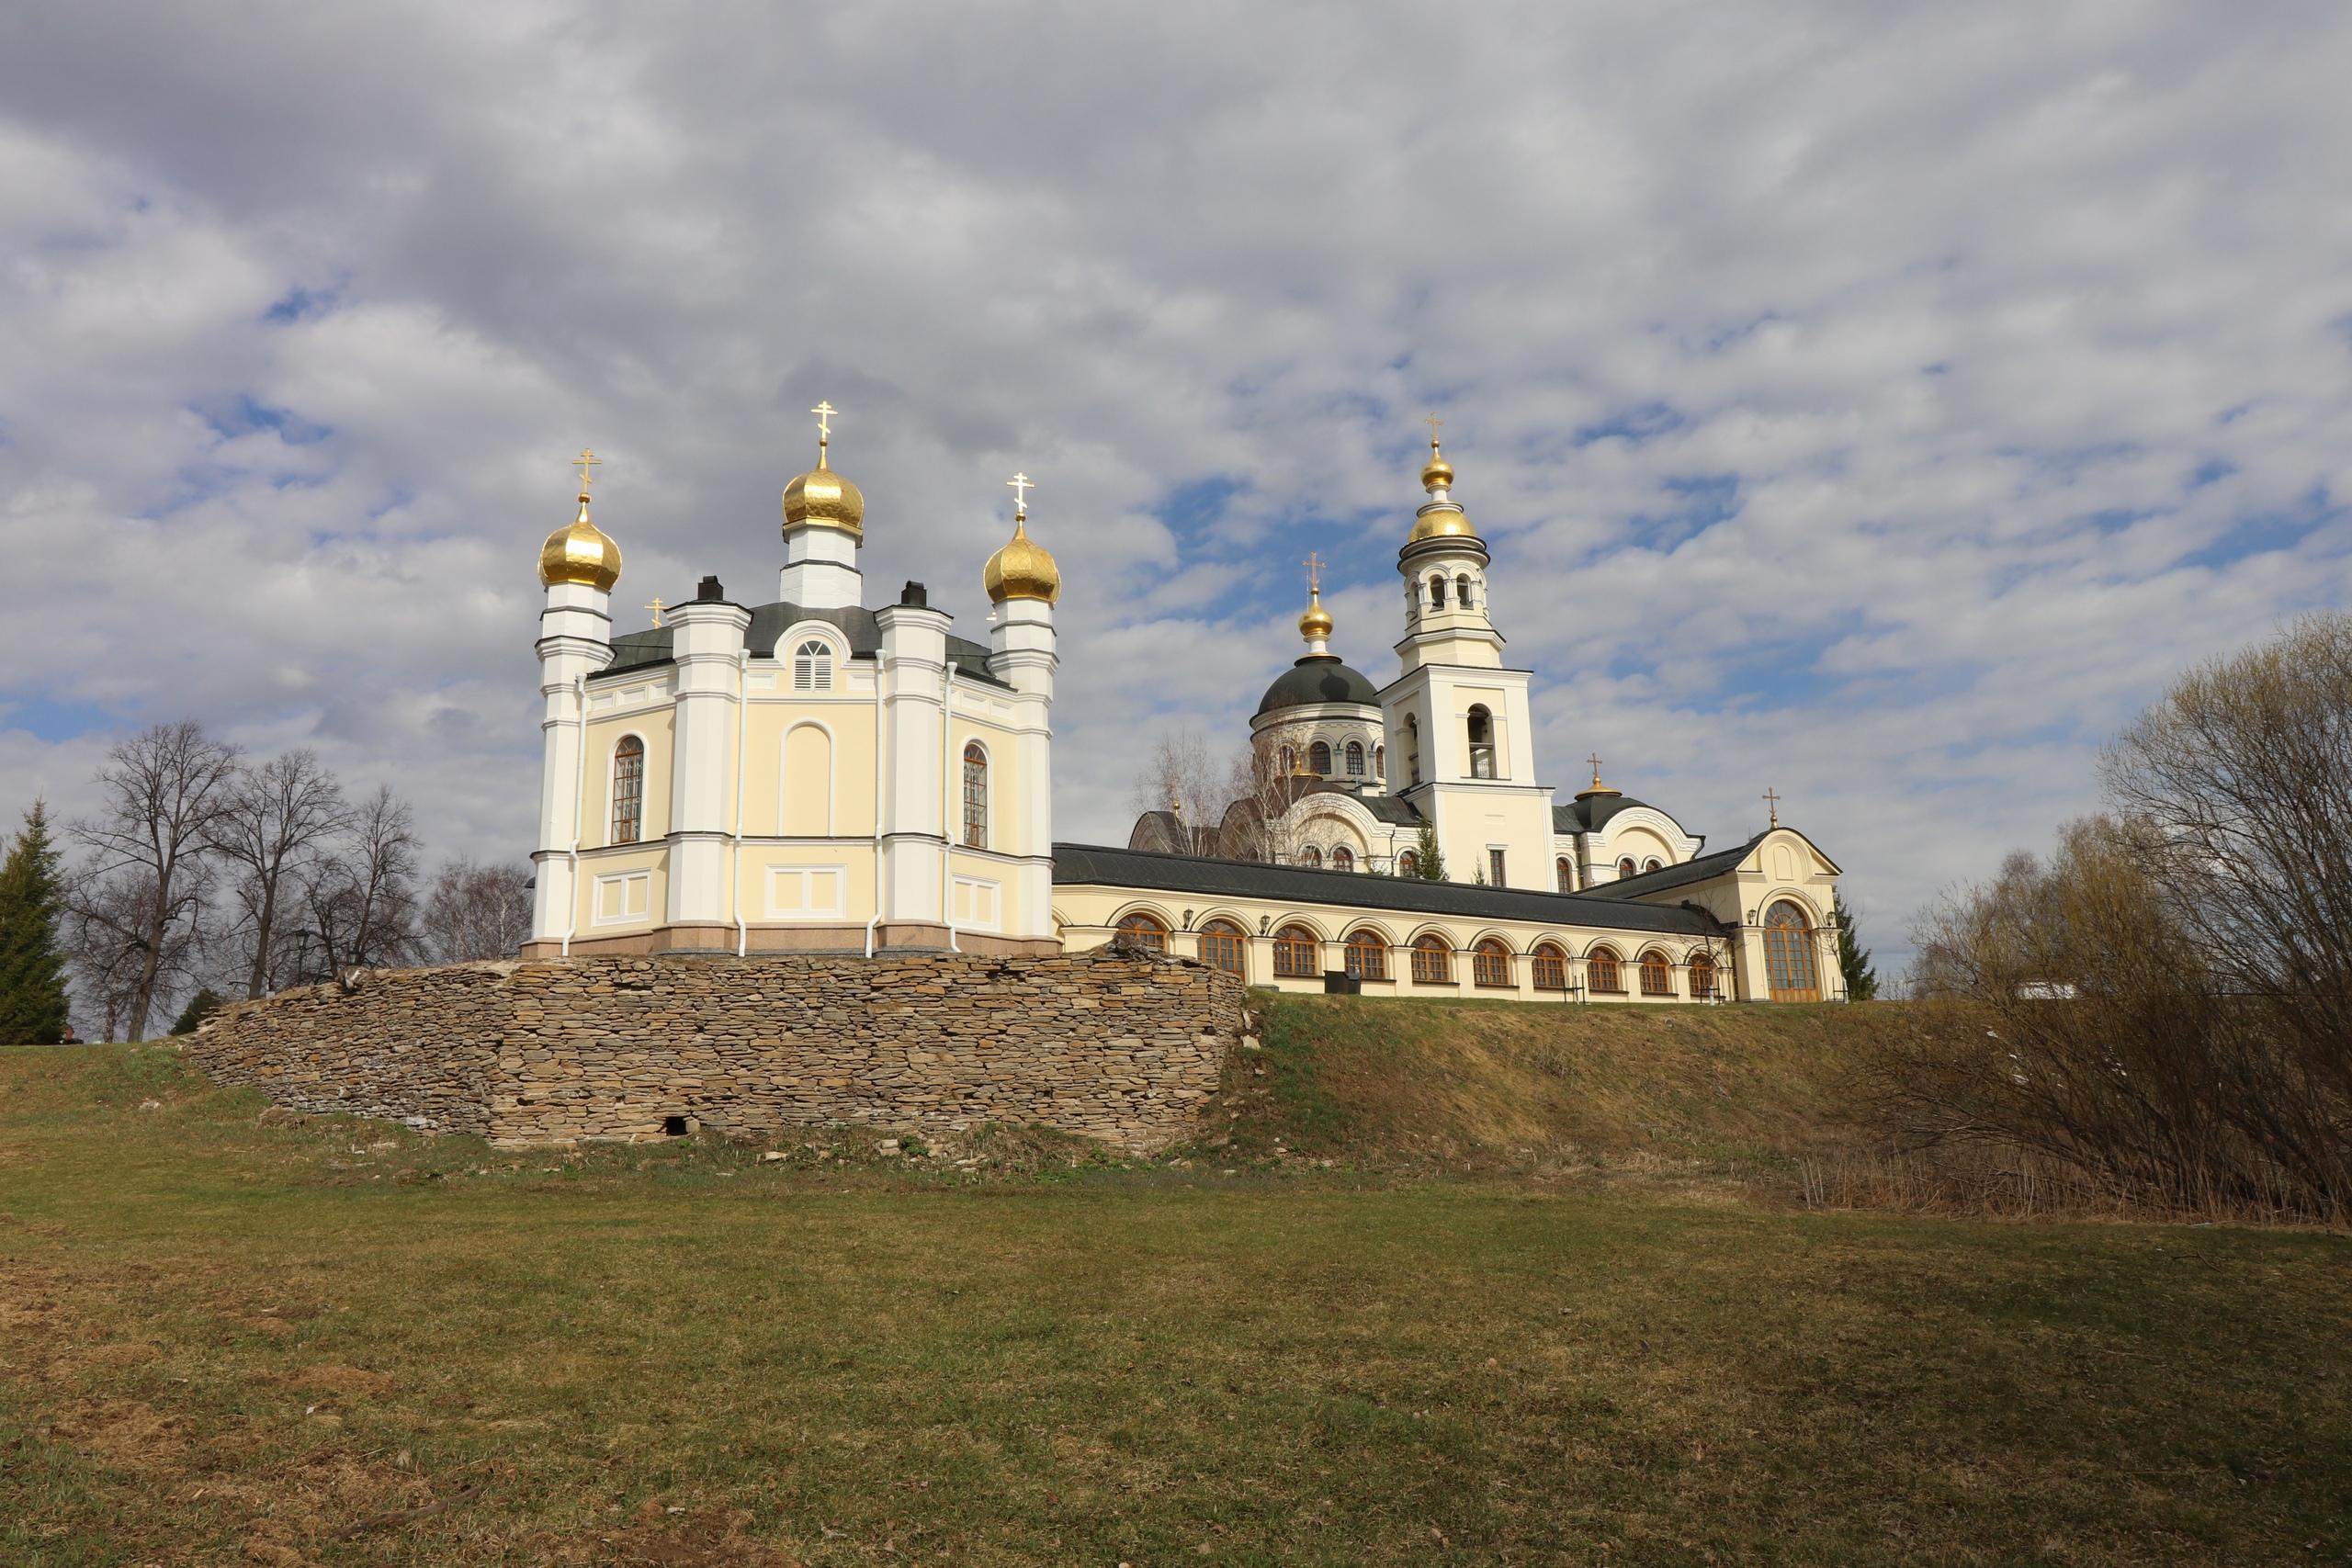 Верхотурье-Меркушино-Кордюково-Кошай-Сосьва-Монастырка. Неизвестное Зауралье.